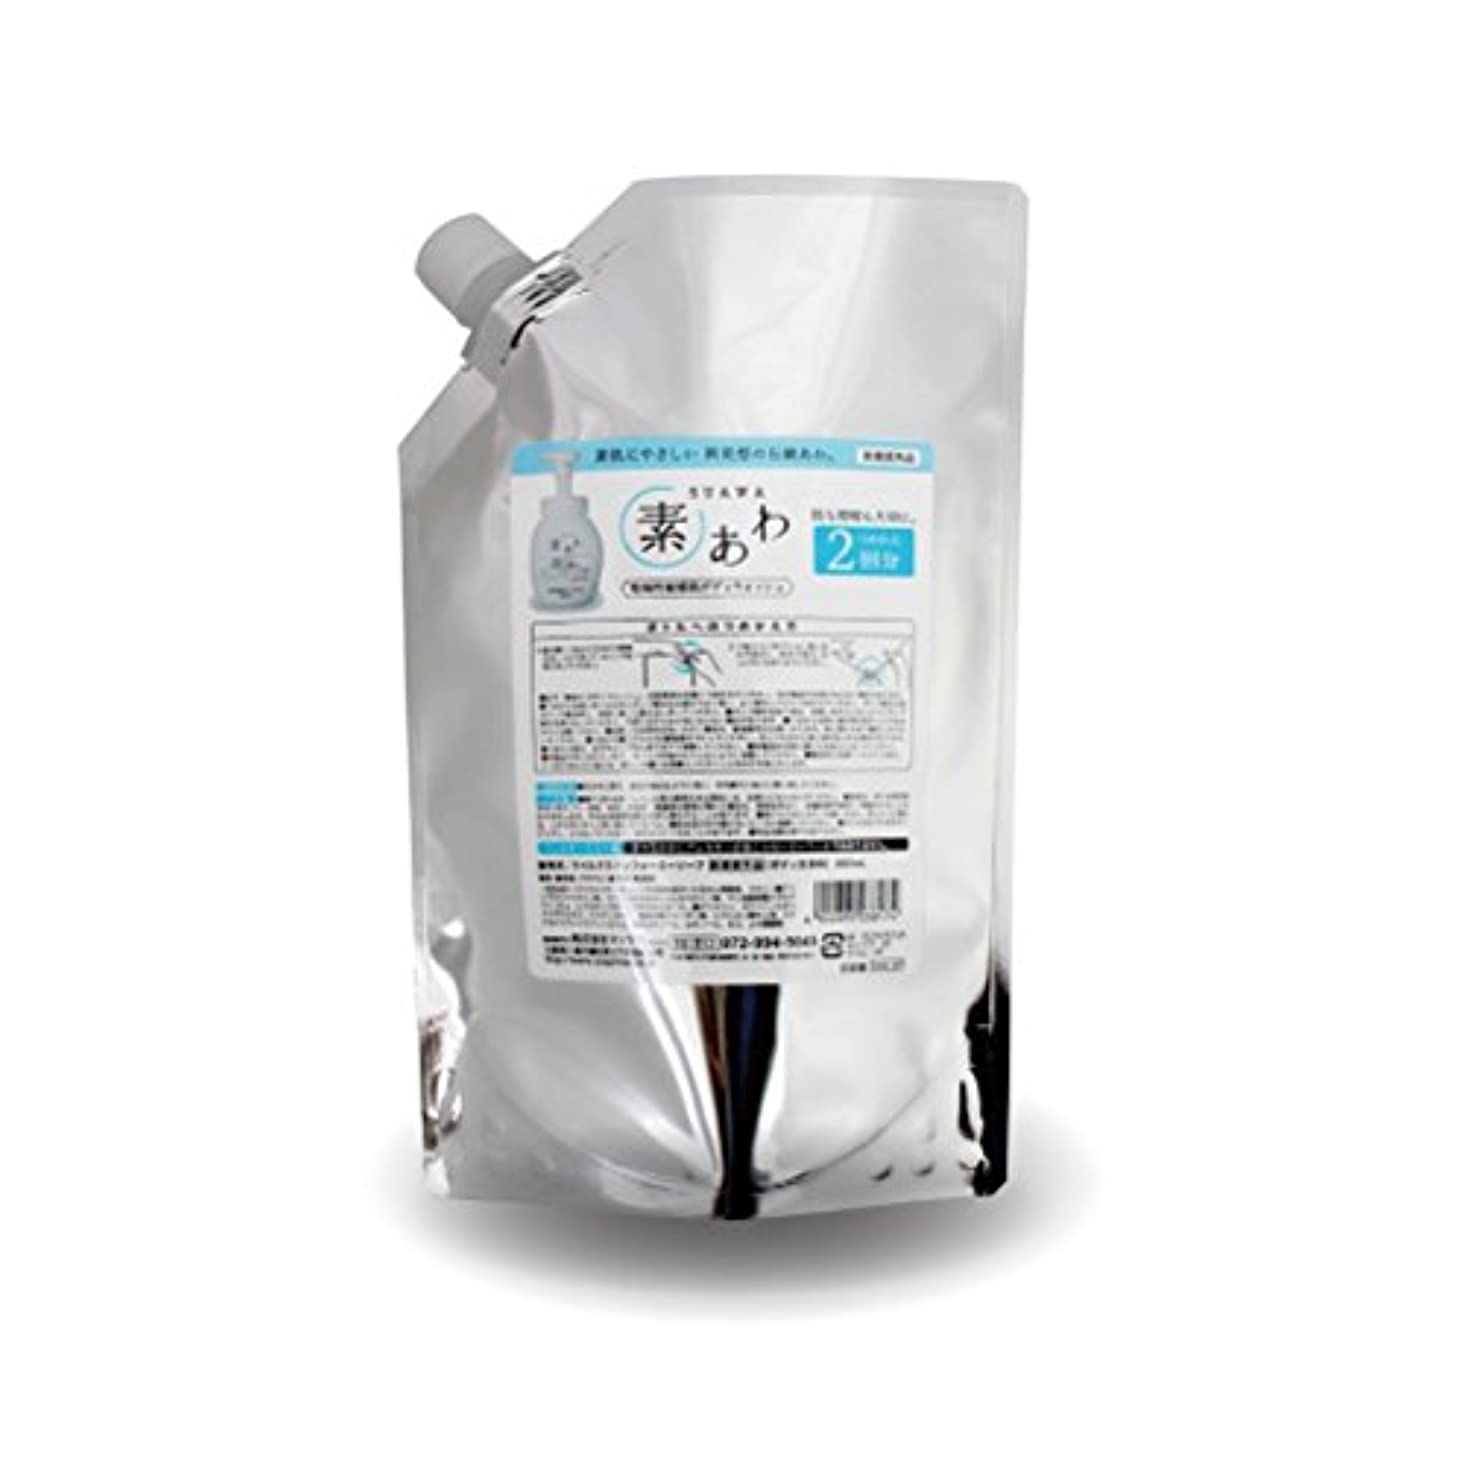 インシュレータクリーナー意味のある薬用 素あわ 泡タイプ ボディソープ 詰替2回分パウチ 800mL 乾 燥 肌 ? 敏 感 肌 に